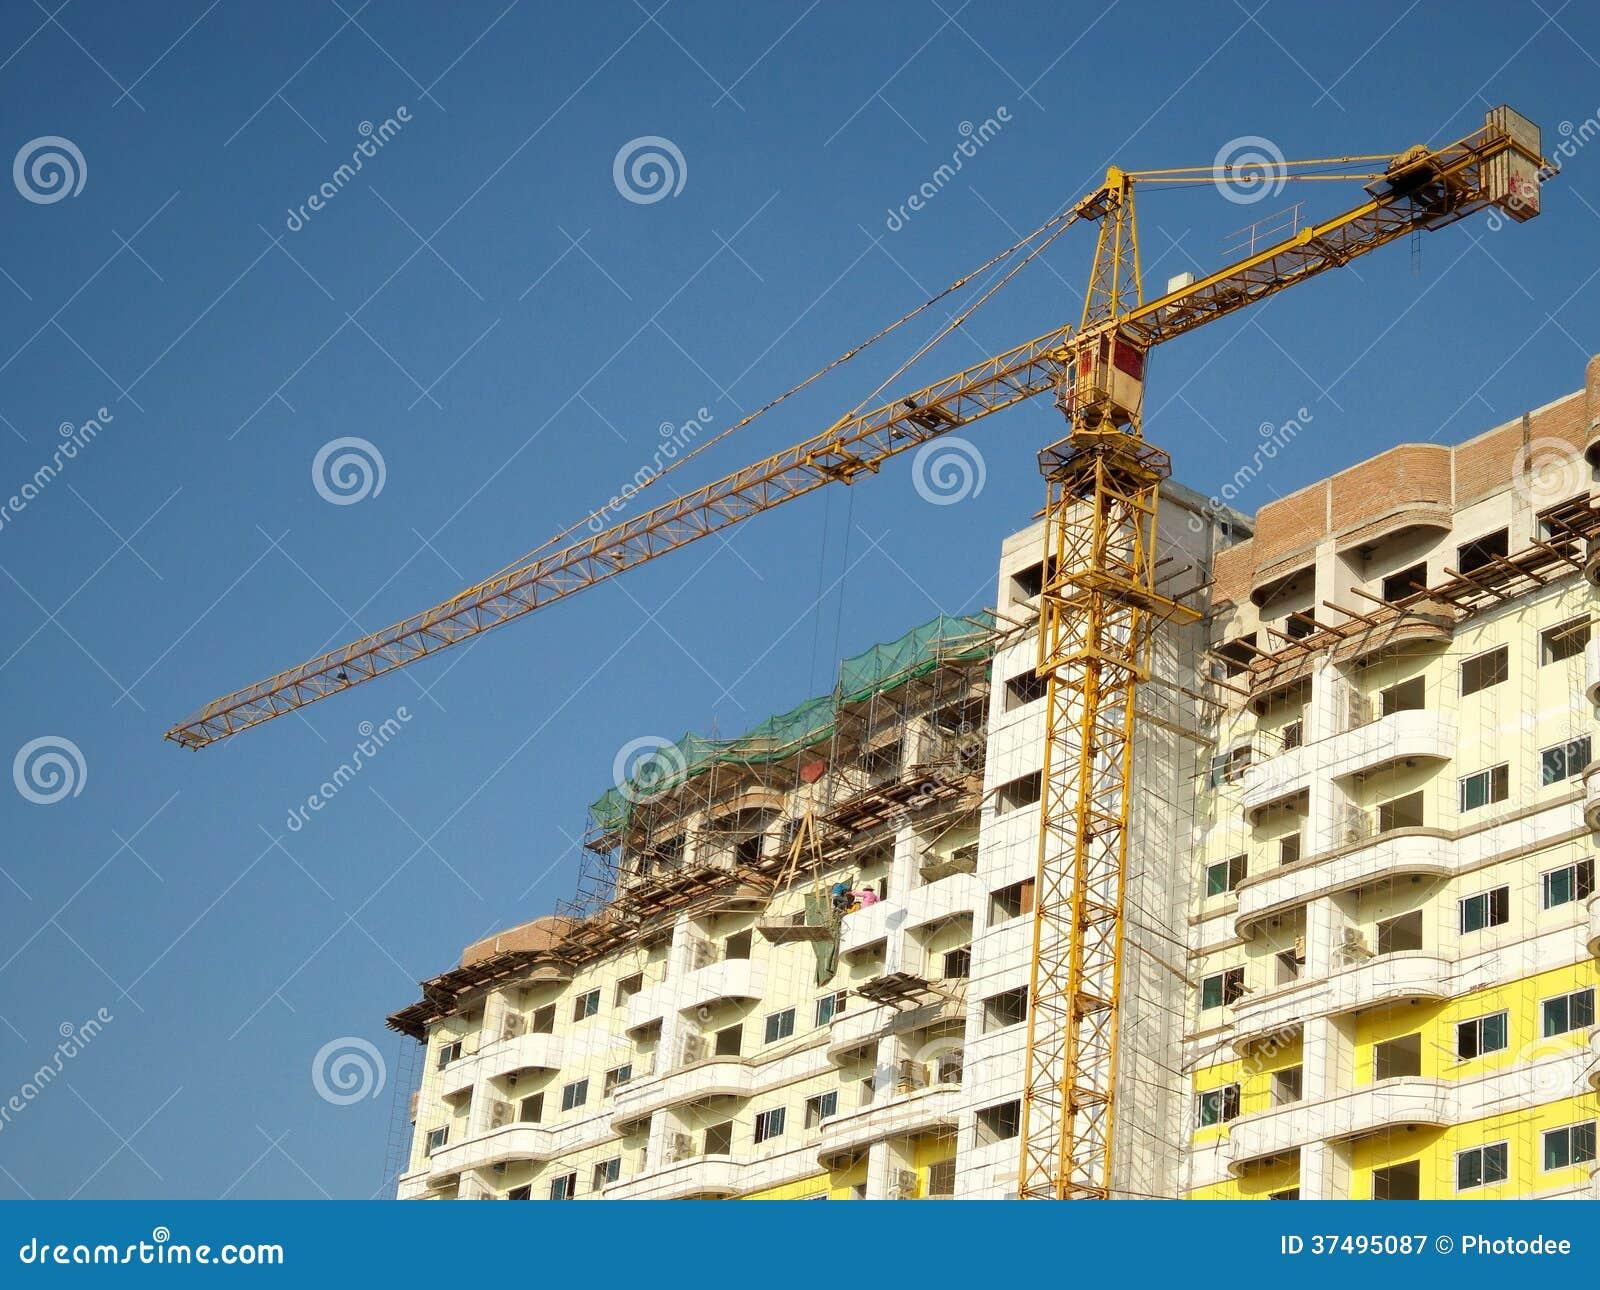 Kran und unfertiges Gebäude